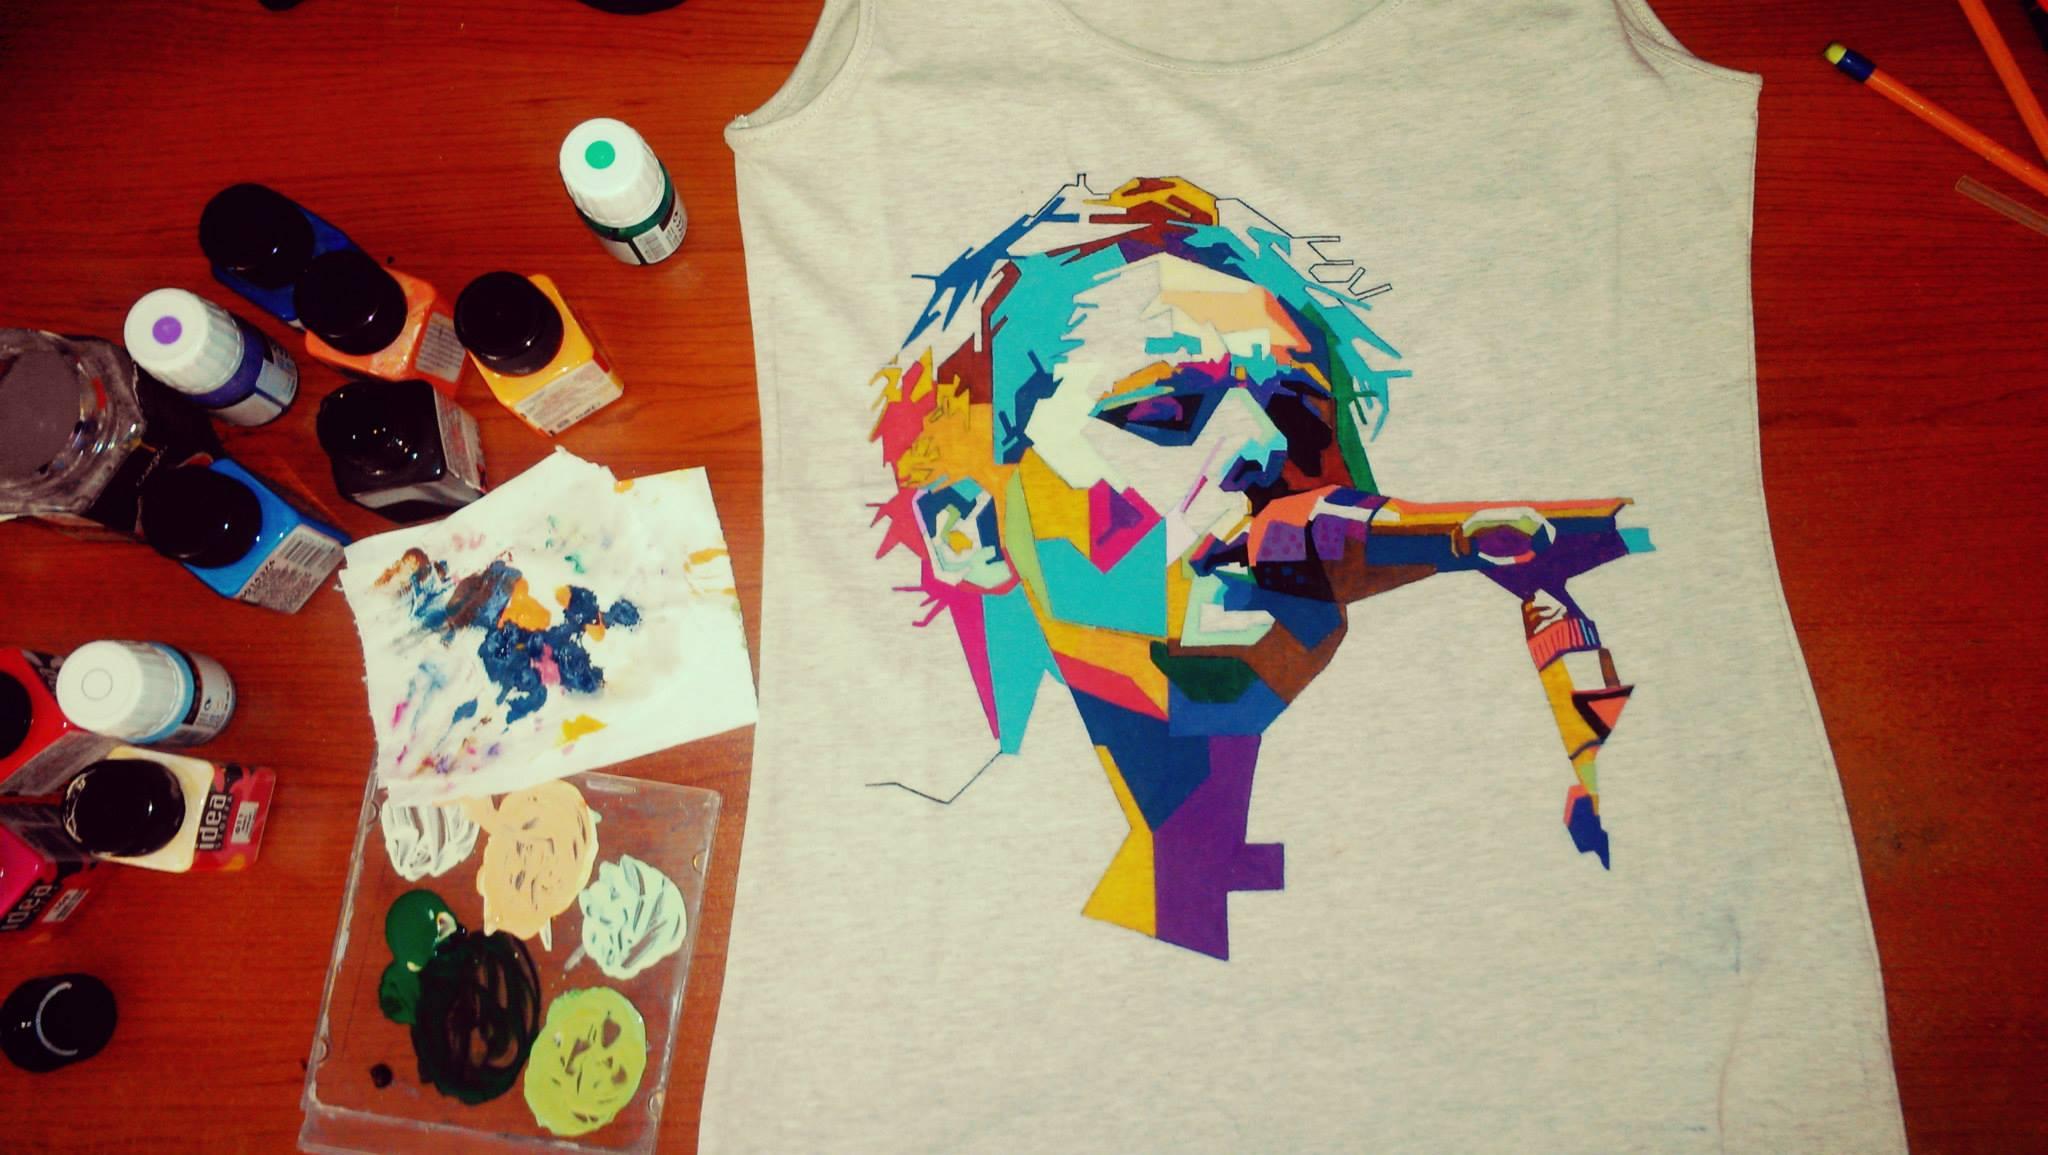 Расписываем футболку на празднике: шедевр в единственном экземпляре